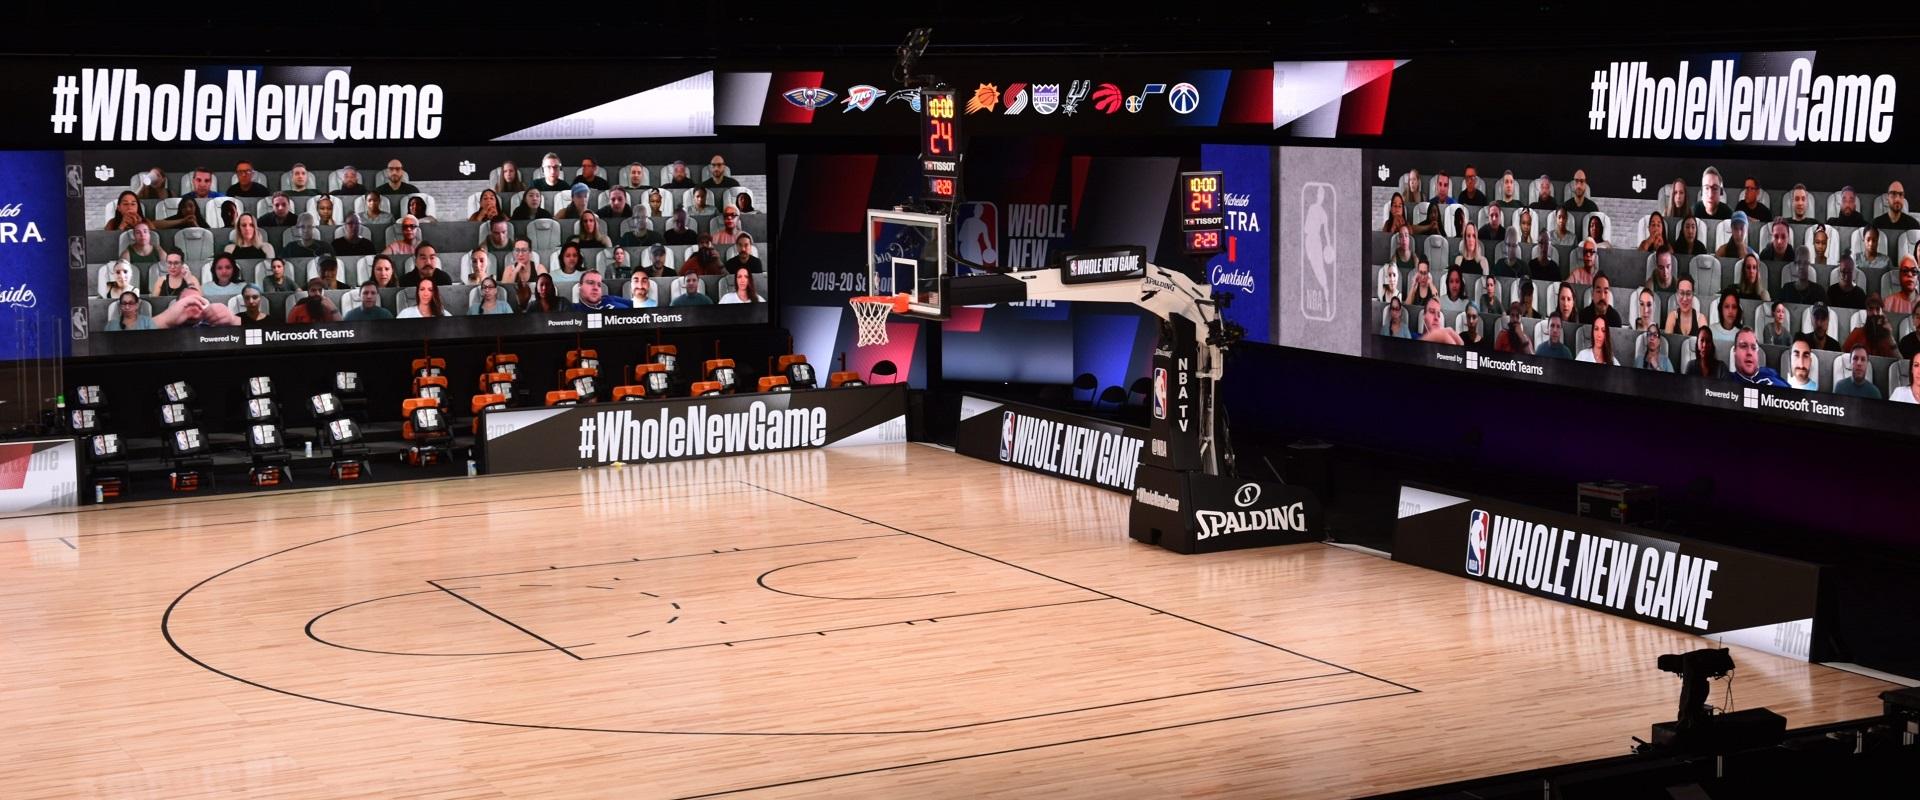 COMO ASSISTIR ÀS FINAIS DA NBA VIA TORCIDA VIRTUAL?